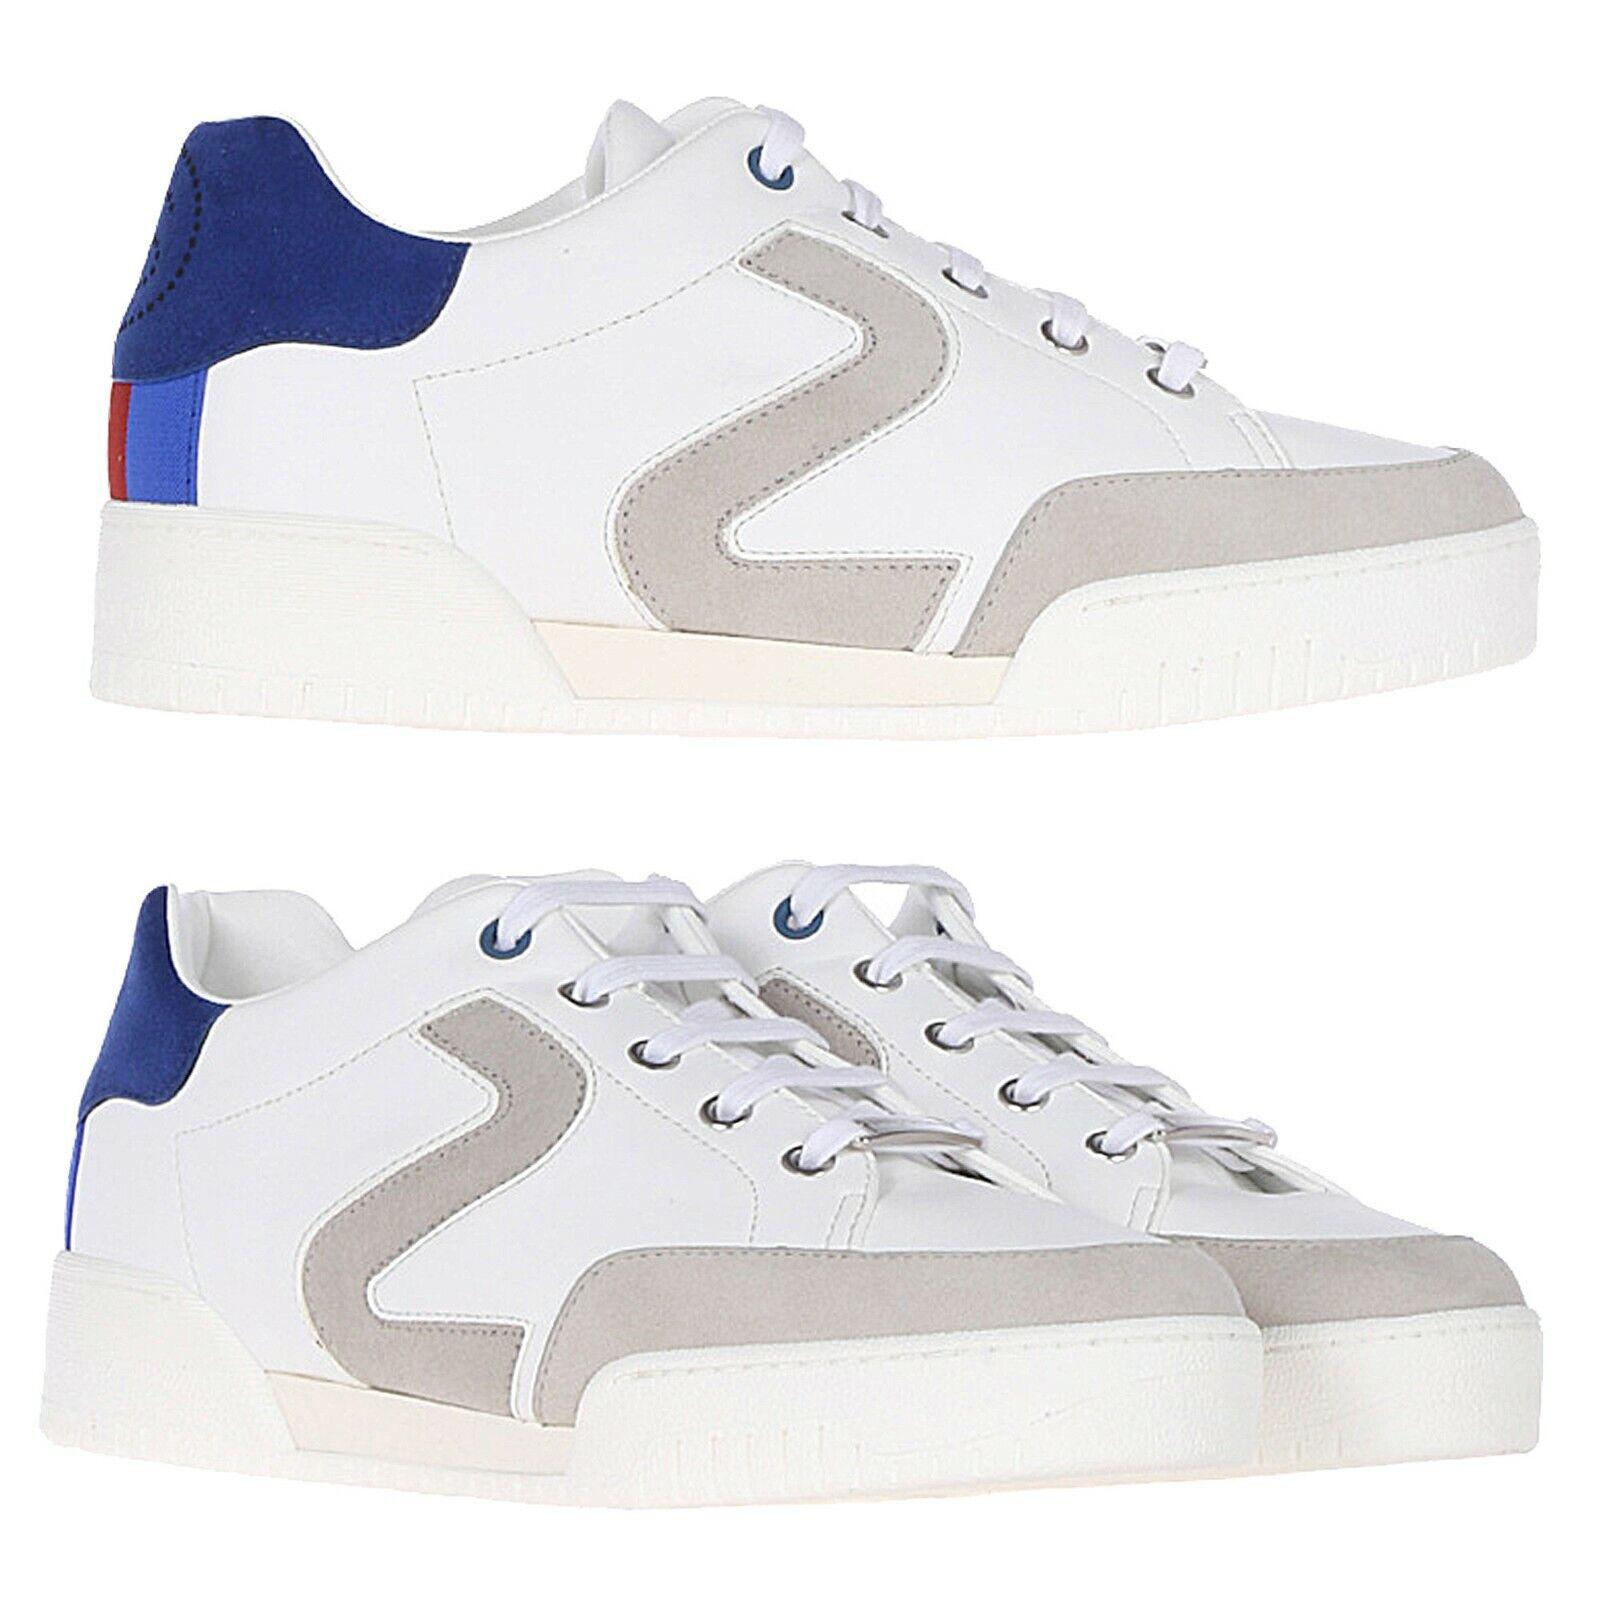 Stella Mcbiltney `Stella ` Low -Top skor skor skor skor skor tränare för skor  Beställ nu lägsta priser